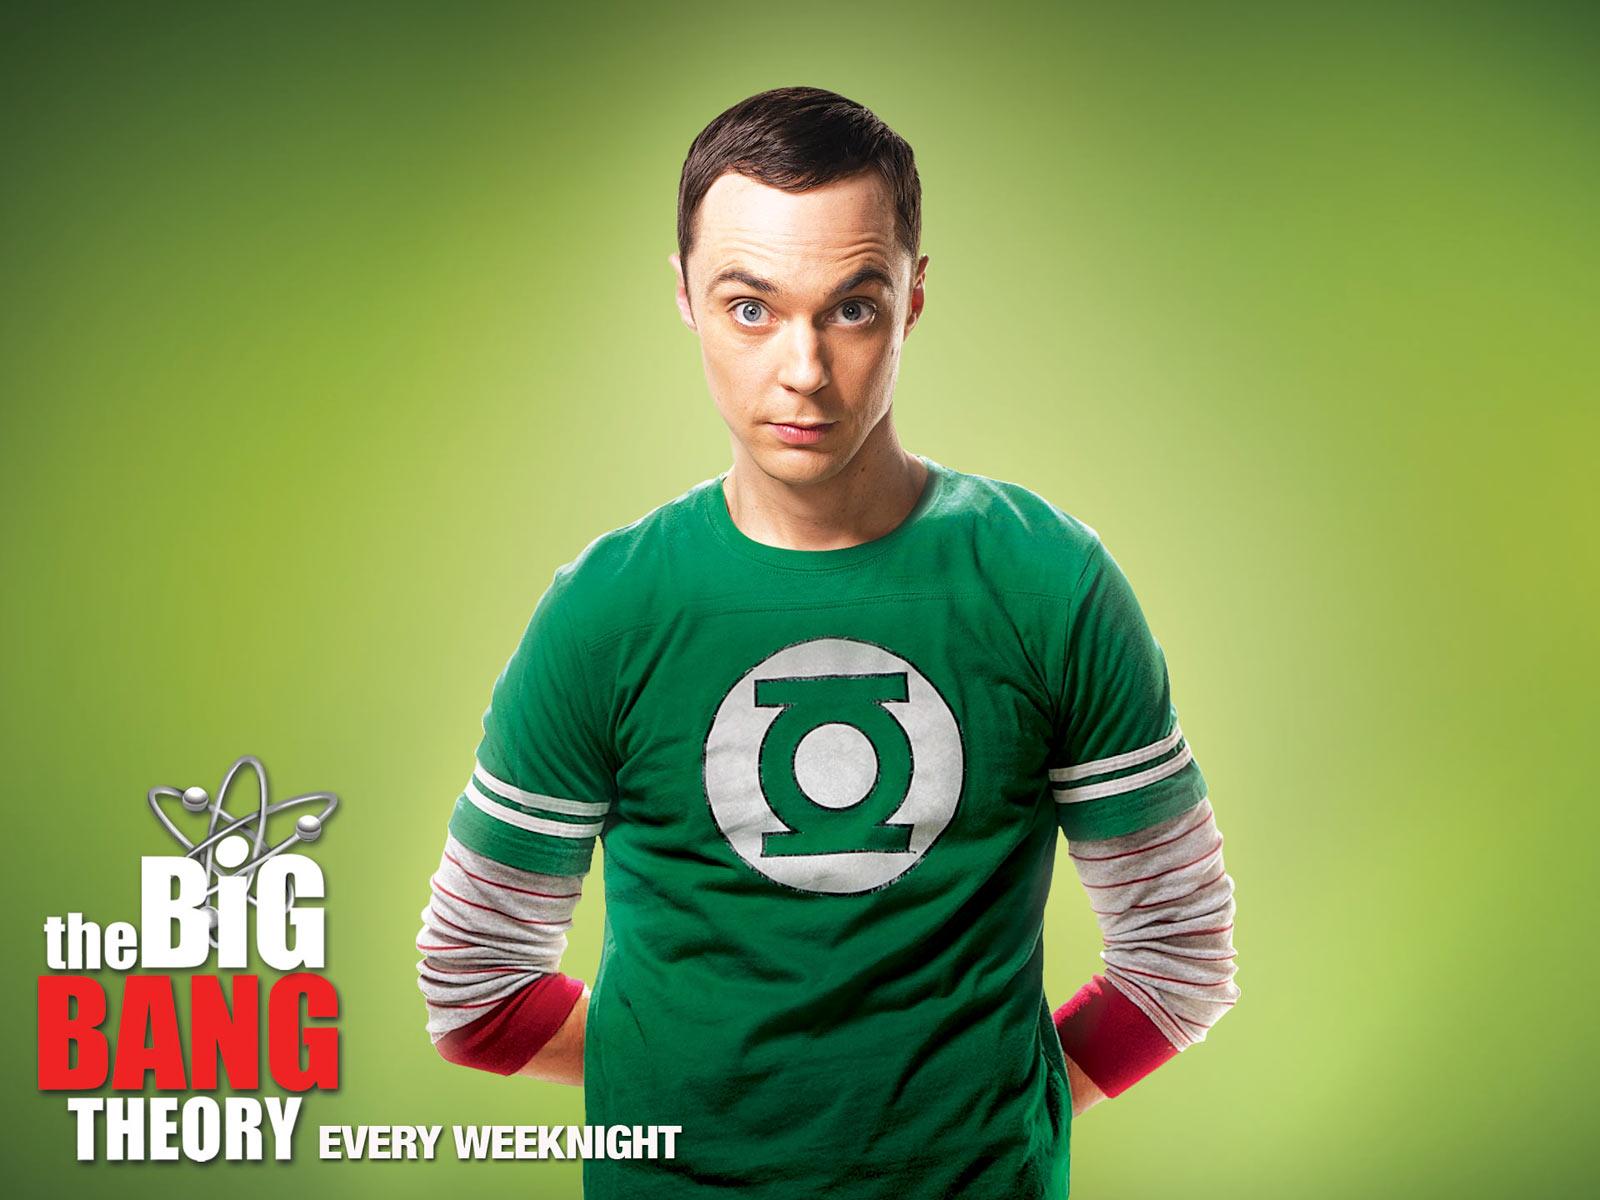 Sheldons Vater